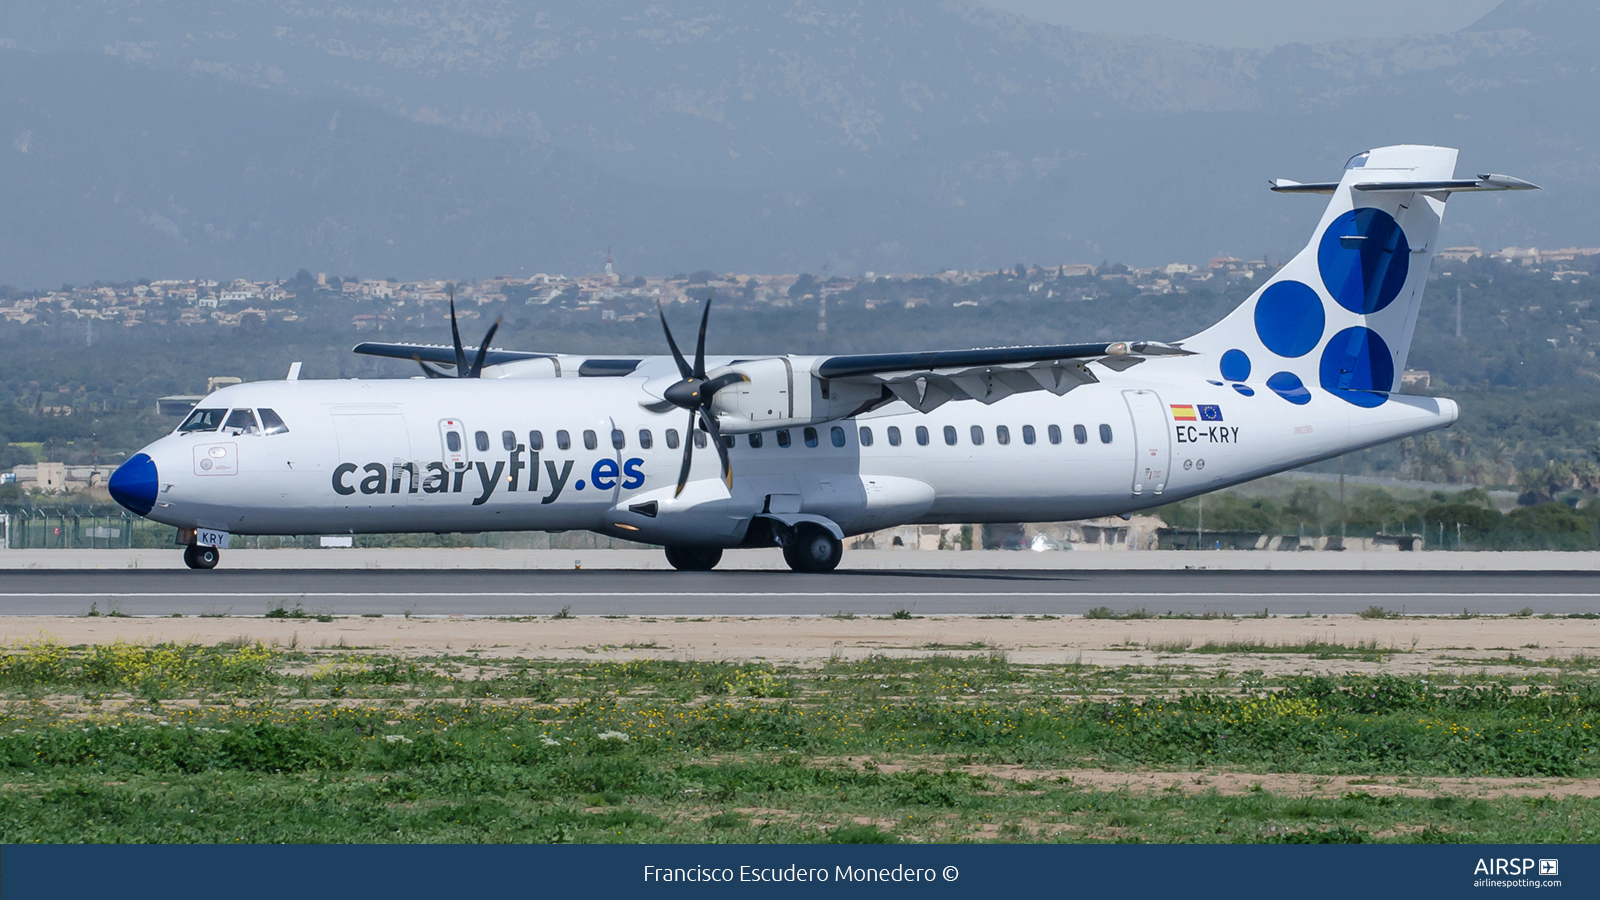 Canary Fly  ATR-72  EC-KRY